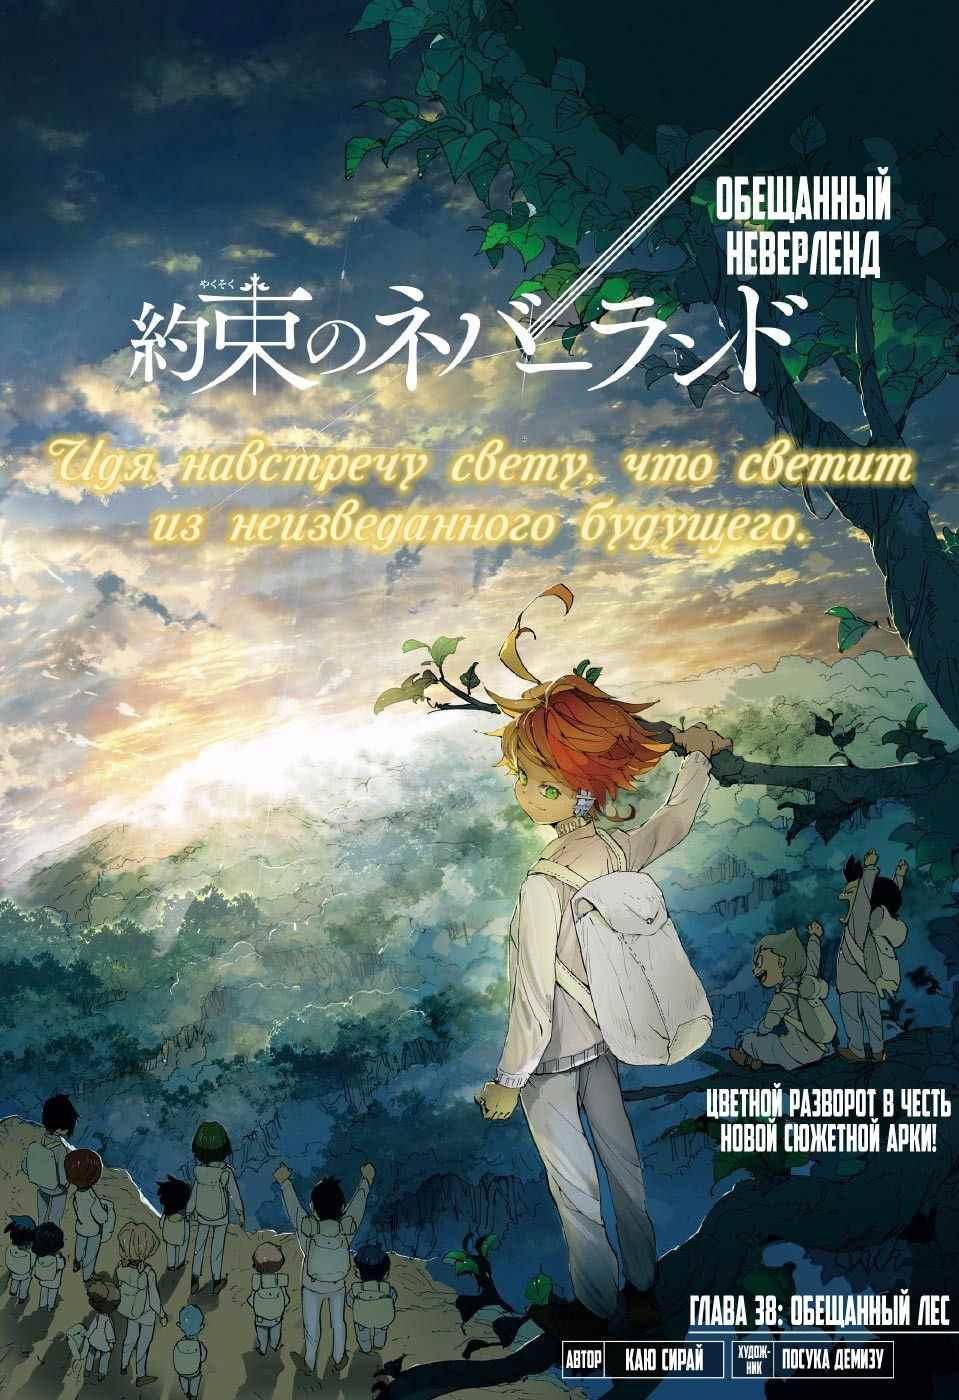 Аниме обещанный Неверленд плакат, картинка и арт 12